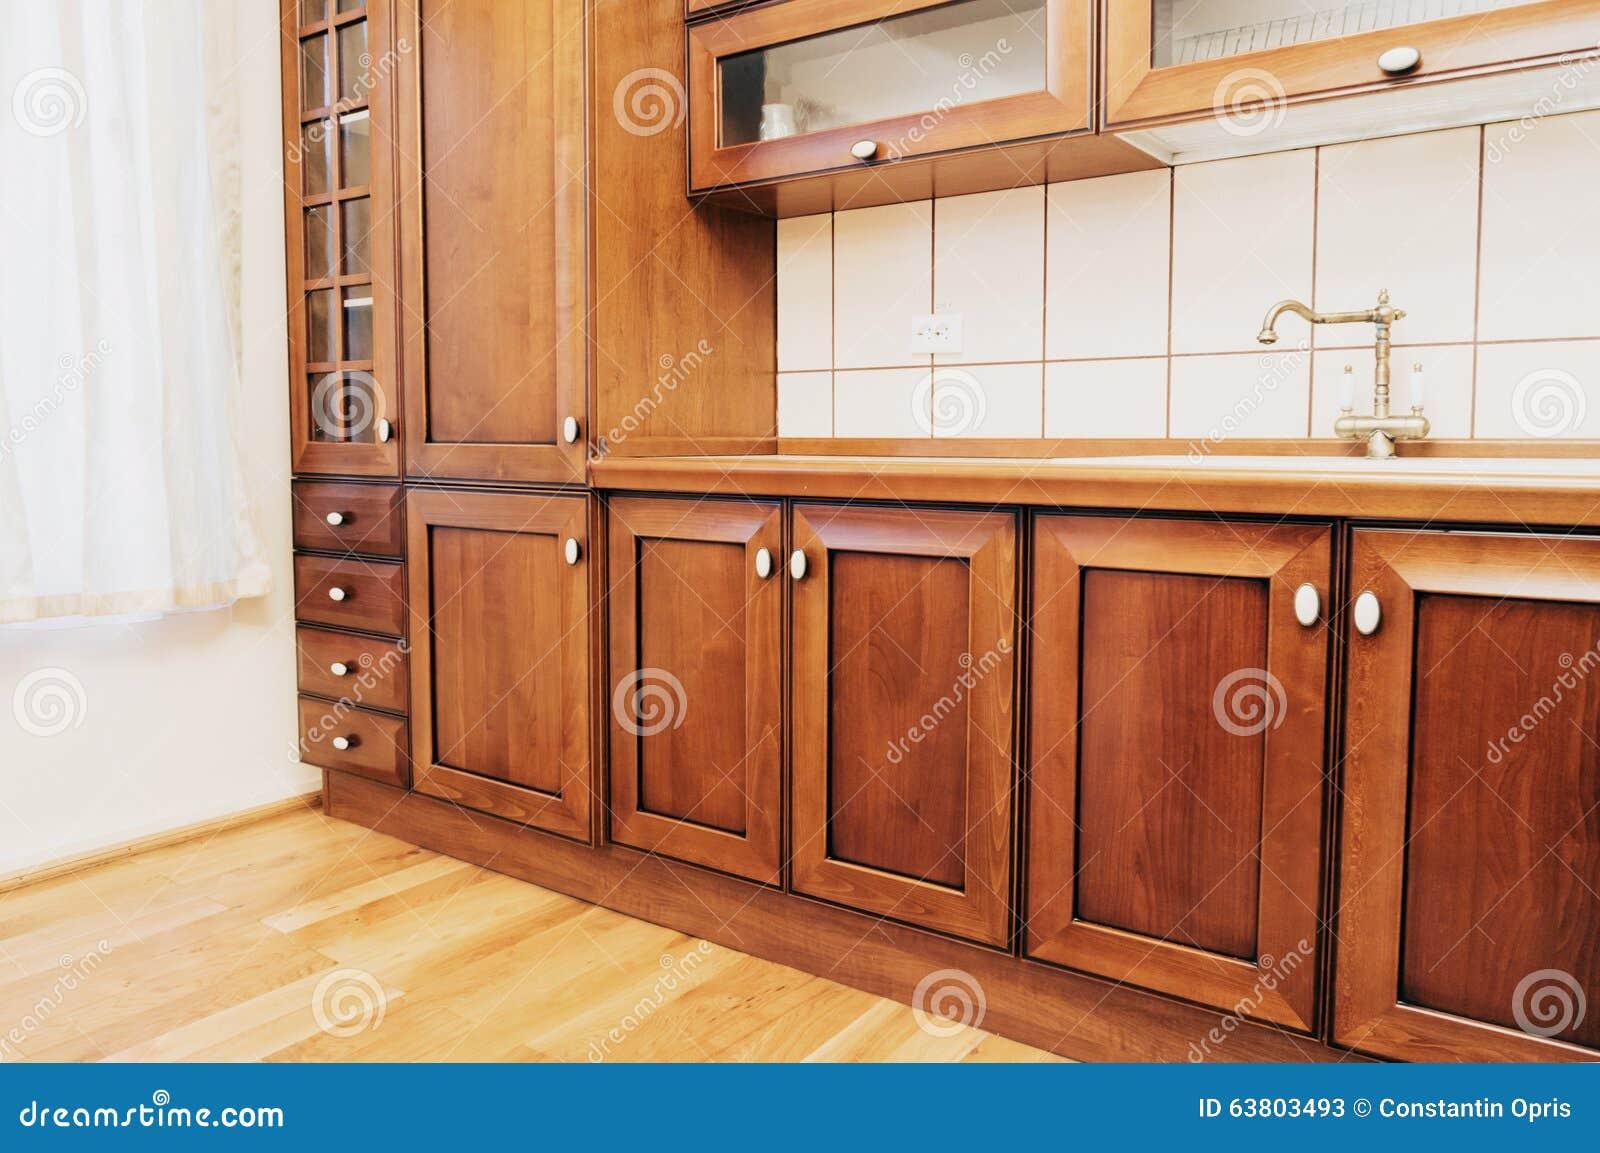 Cocina casera con los gabinetes de madera imagen de for Gabinetes de madera para cocina pequena